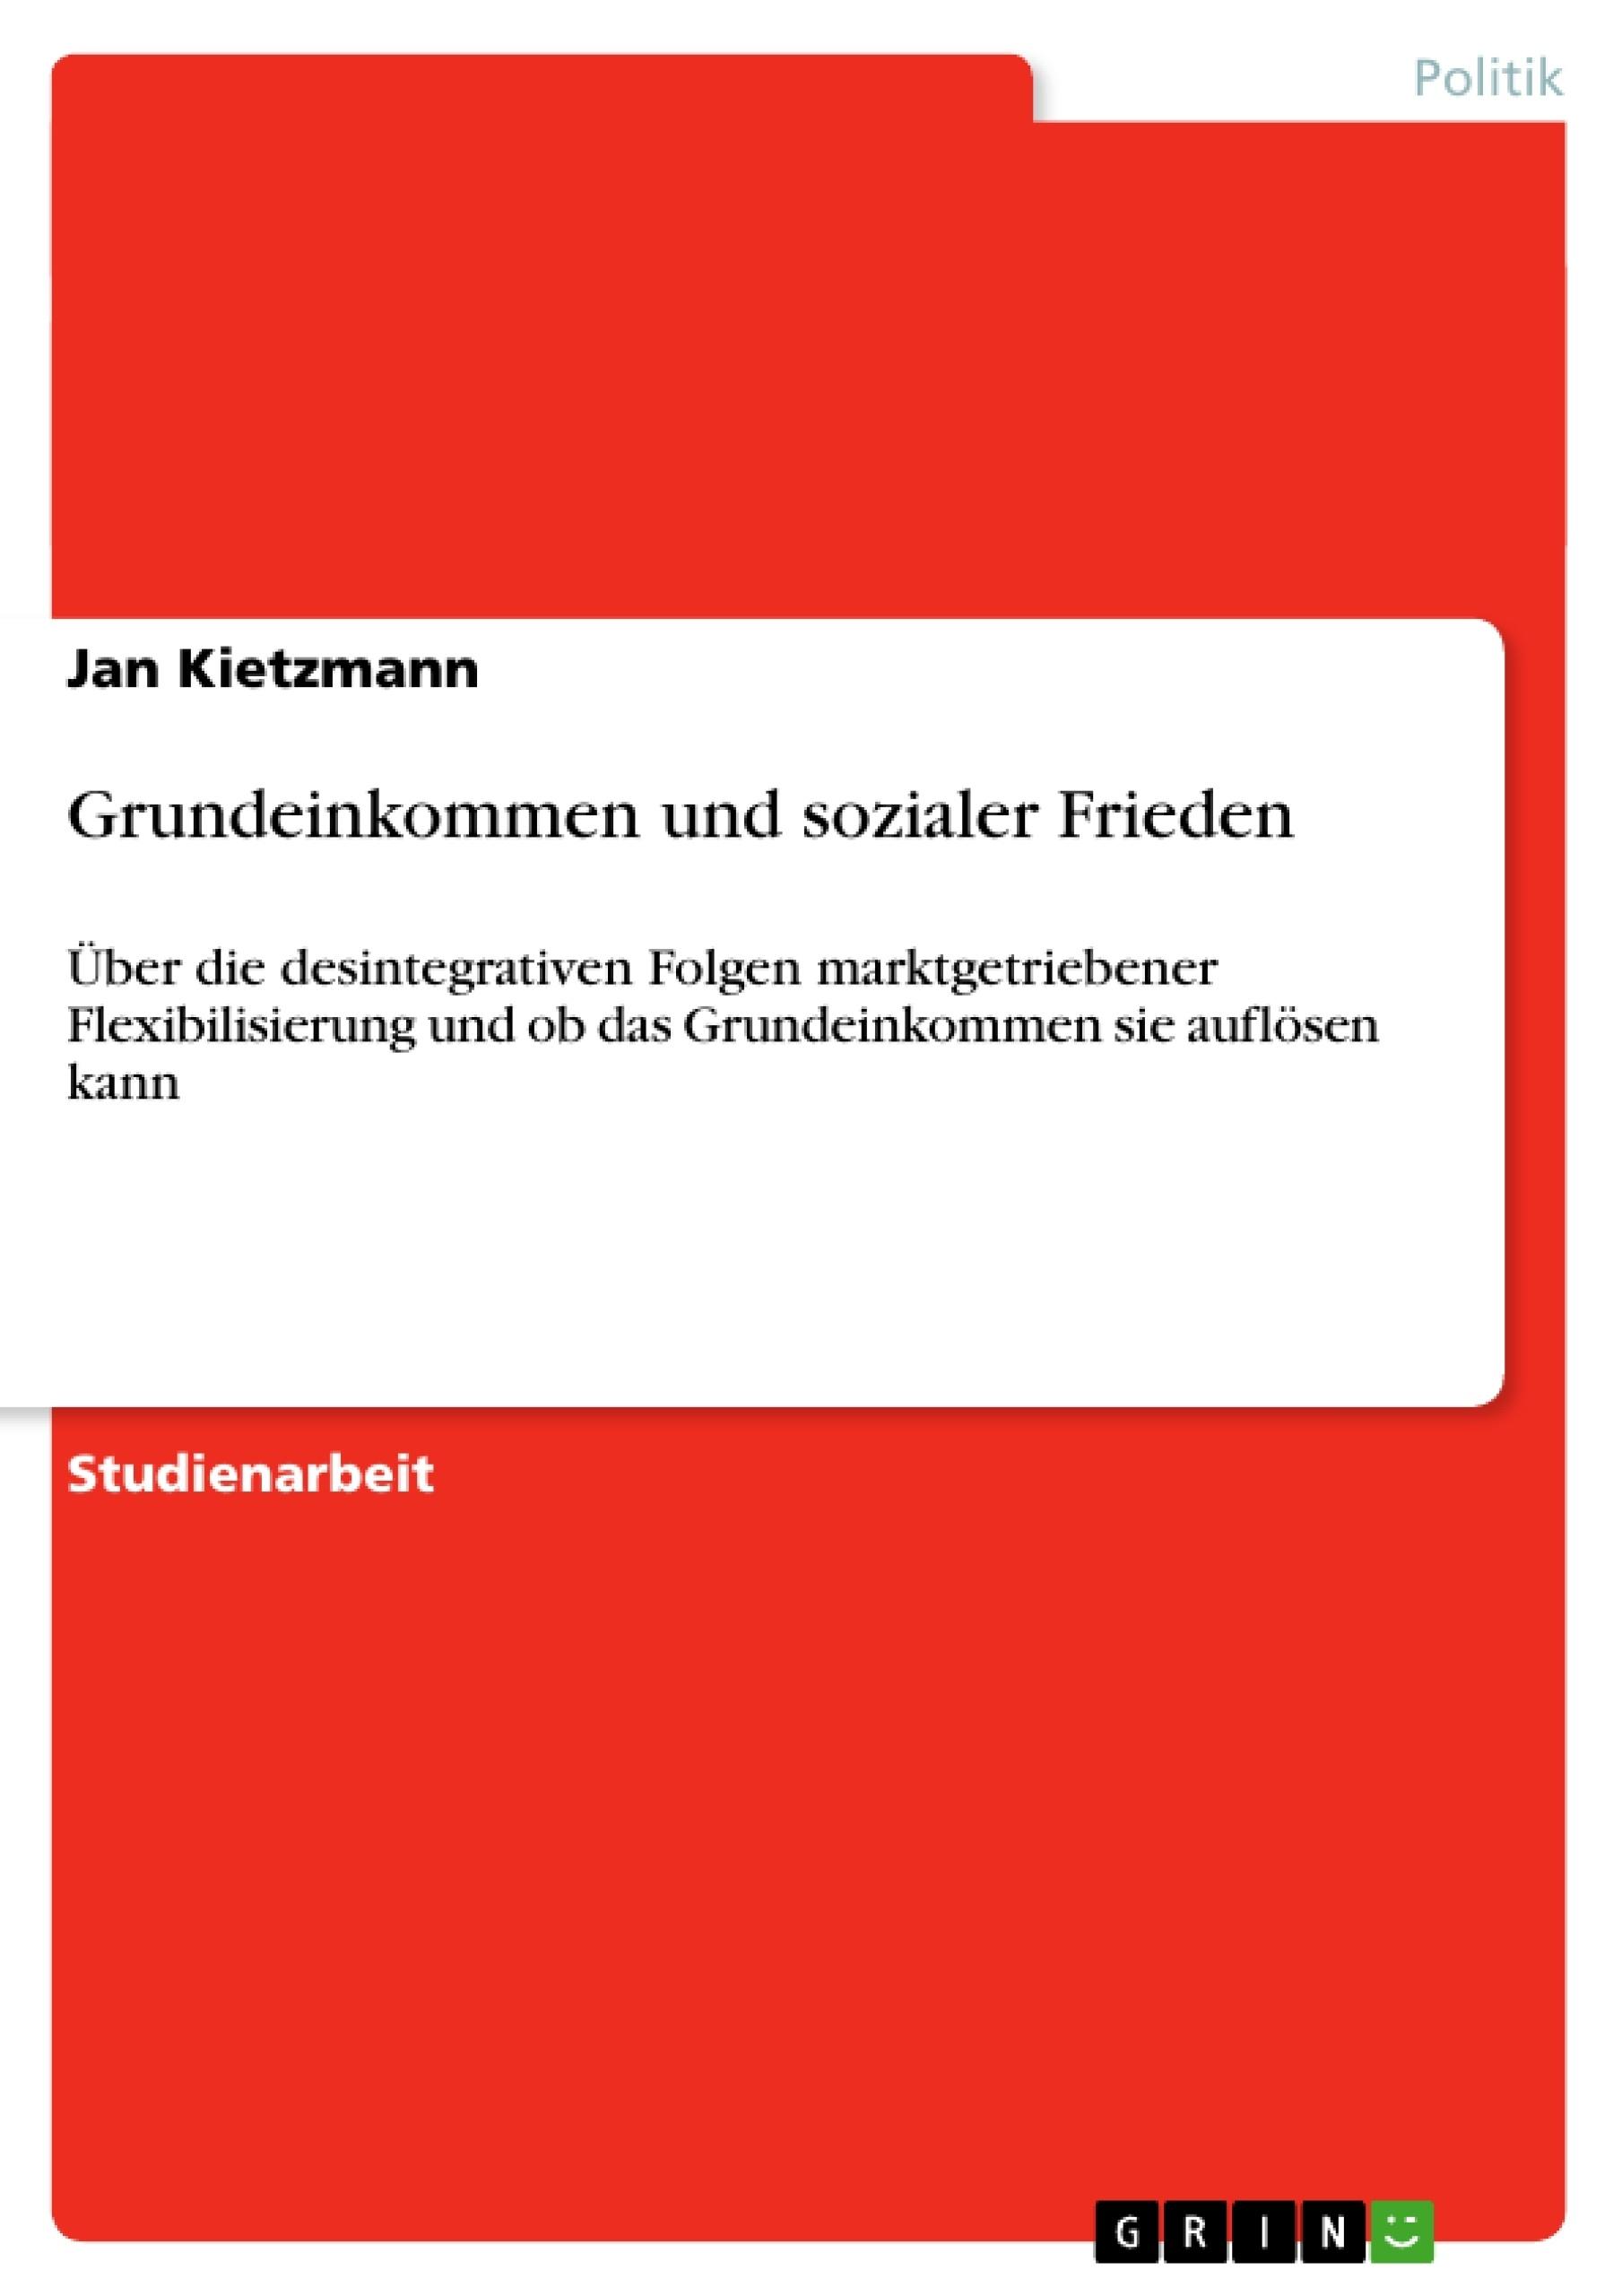 Titel: Grundeinkommen und sozialer Frieden